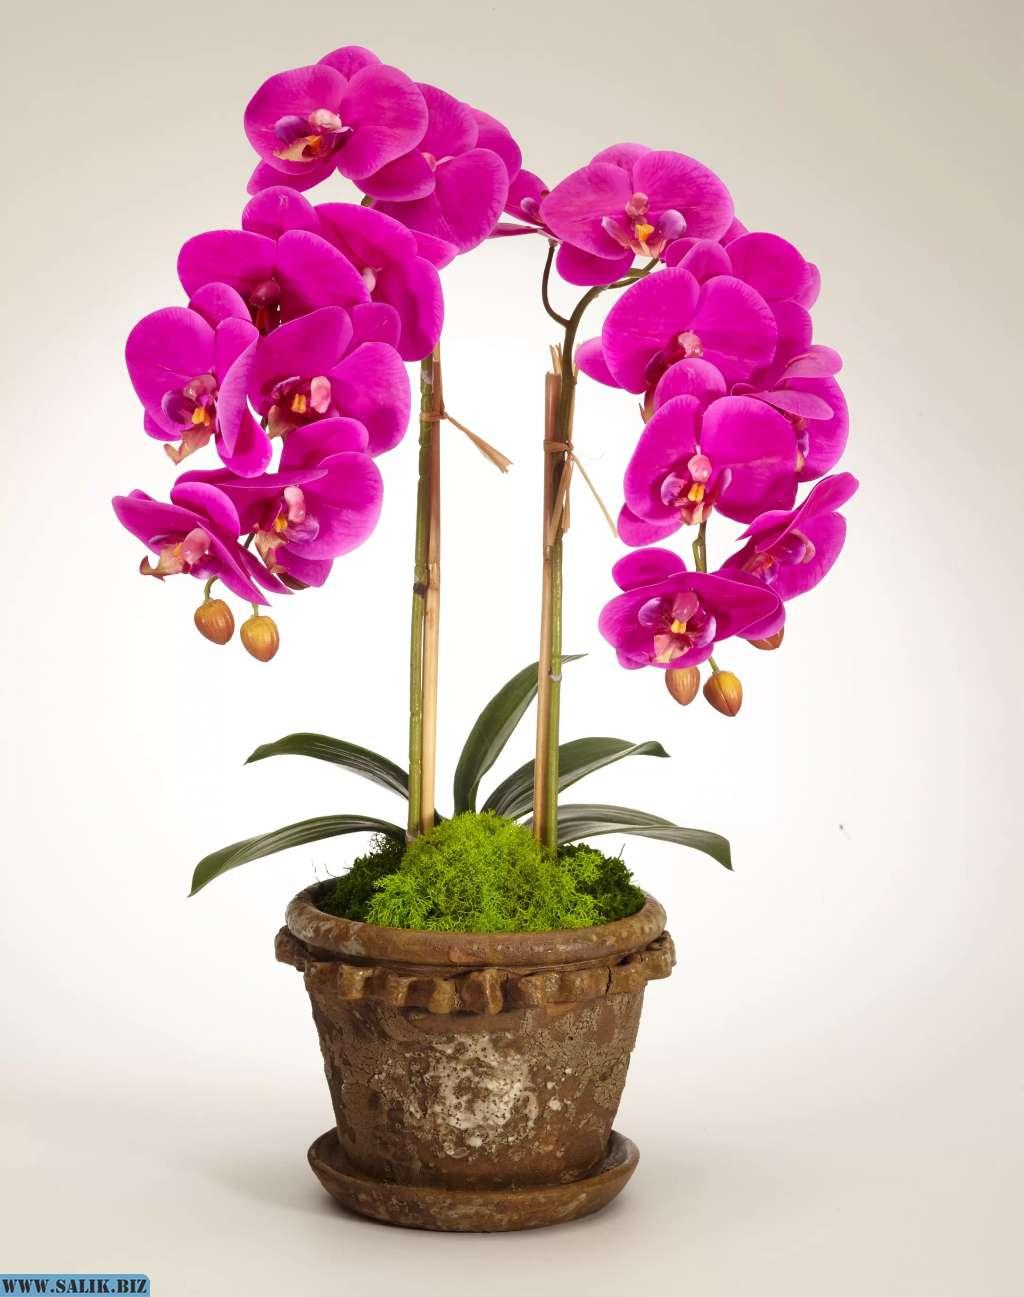 Почему нельзя держать дома орхидеи: народные приметы и суеверия